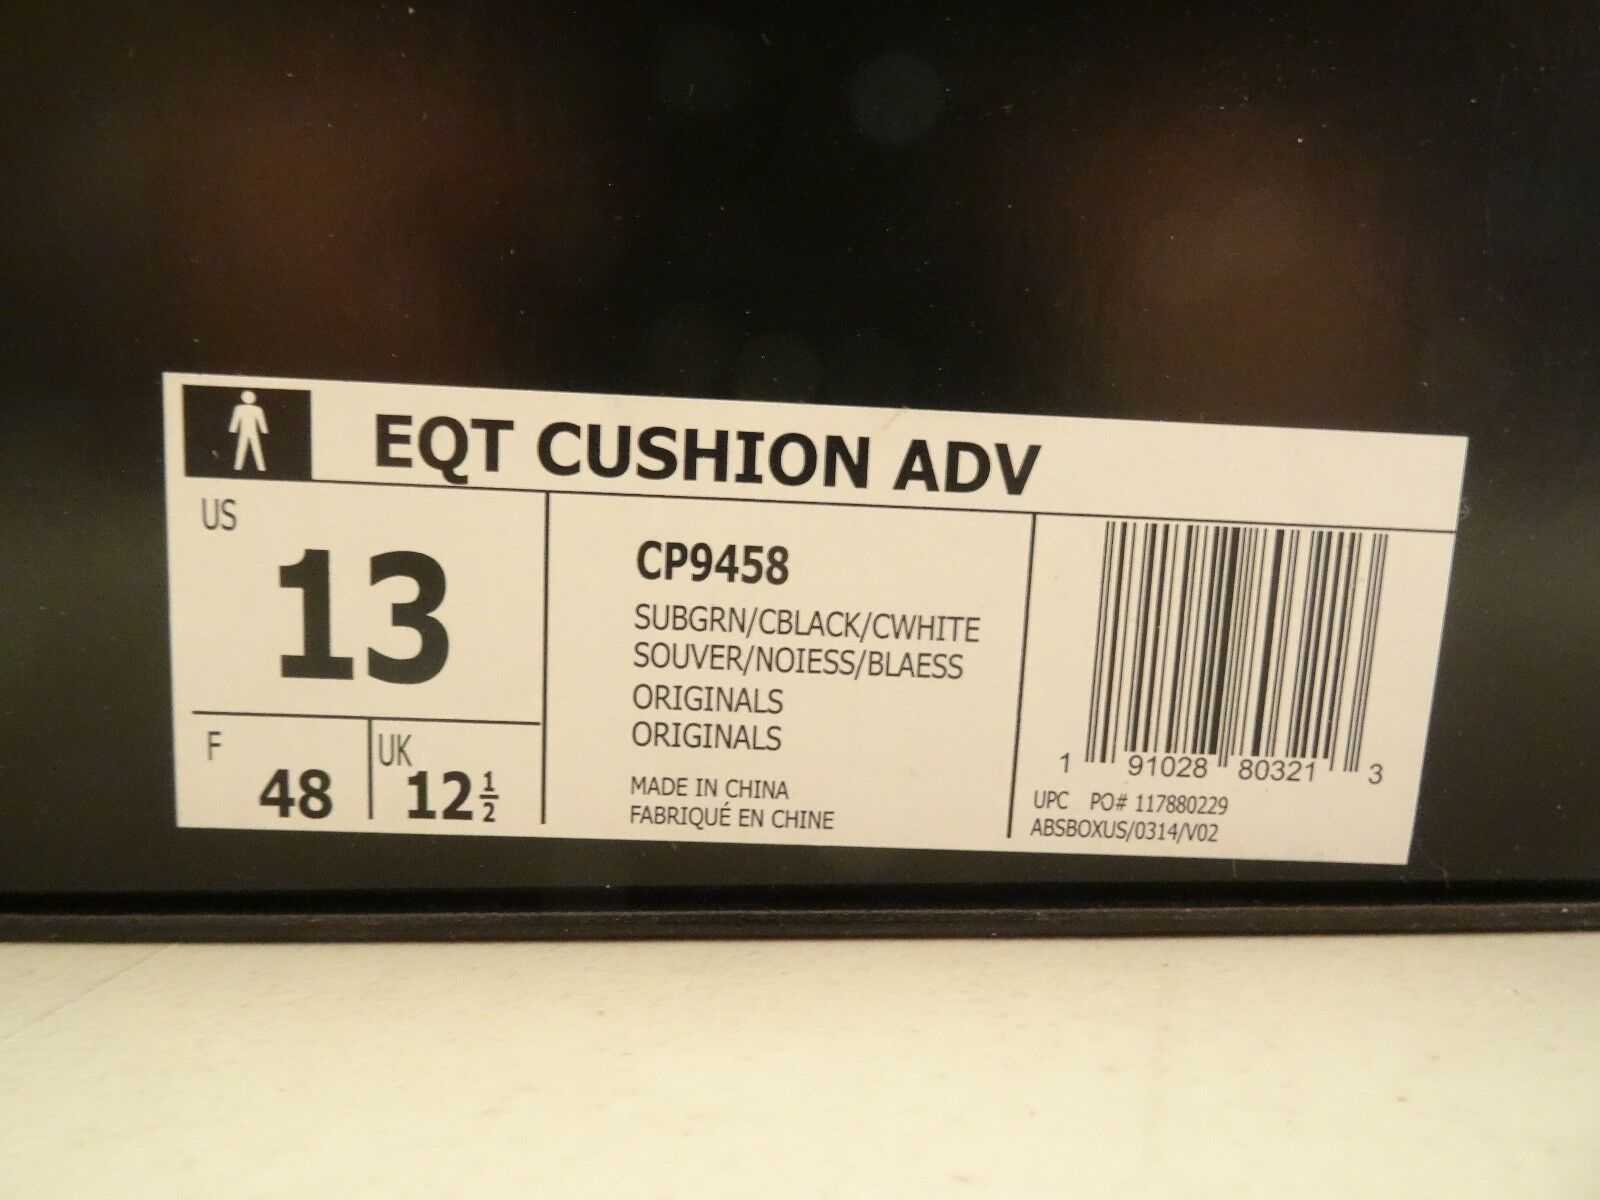 Adidas EQT Cushion ADV 91 17 verde North America sz sz sz 13 CP9458 Yeezy Boost 350 dadbf9